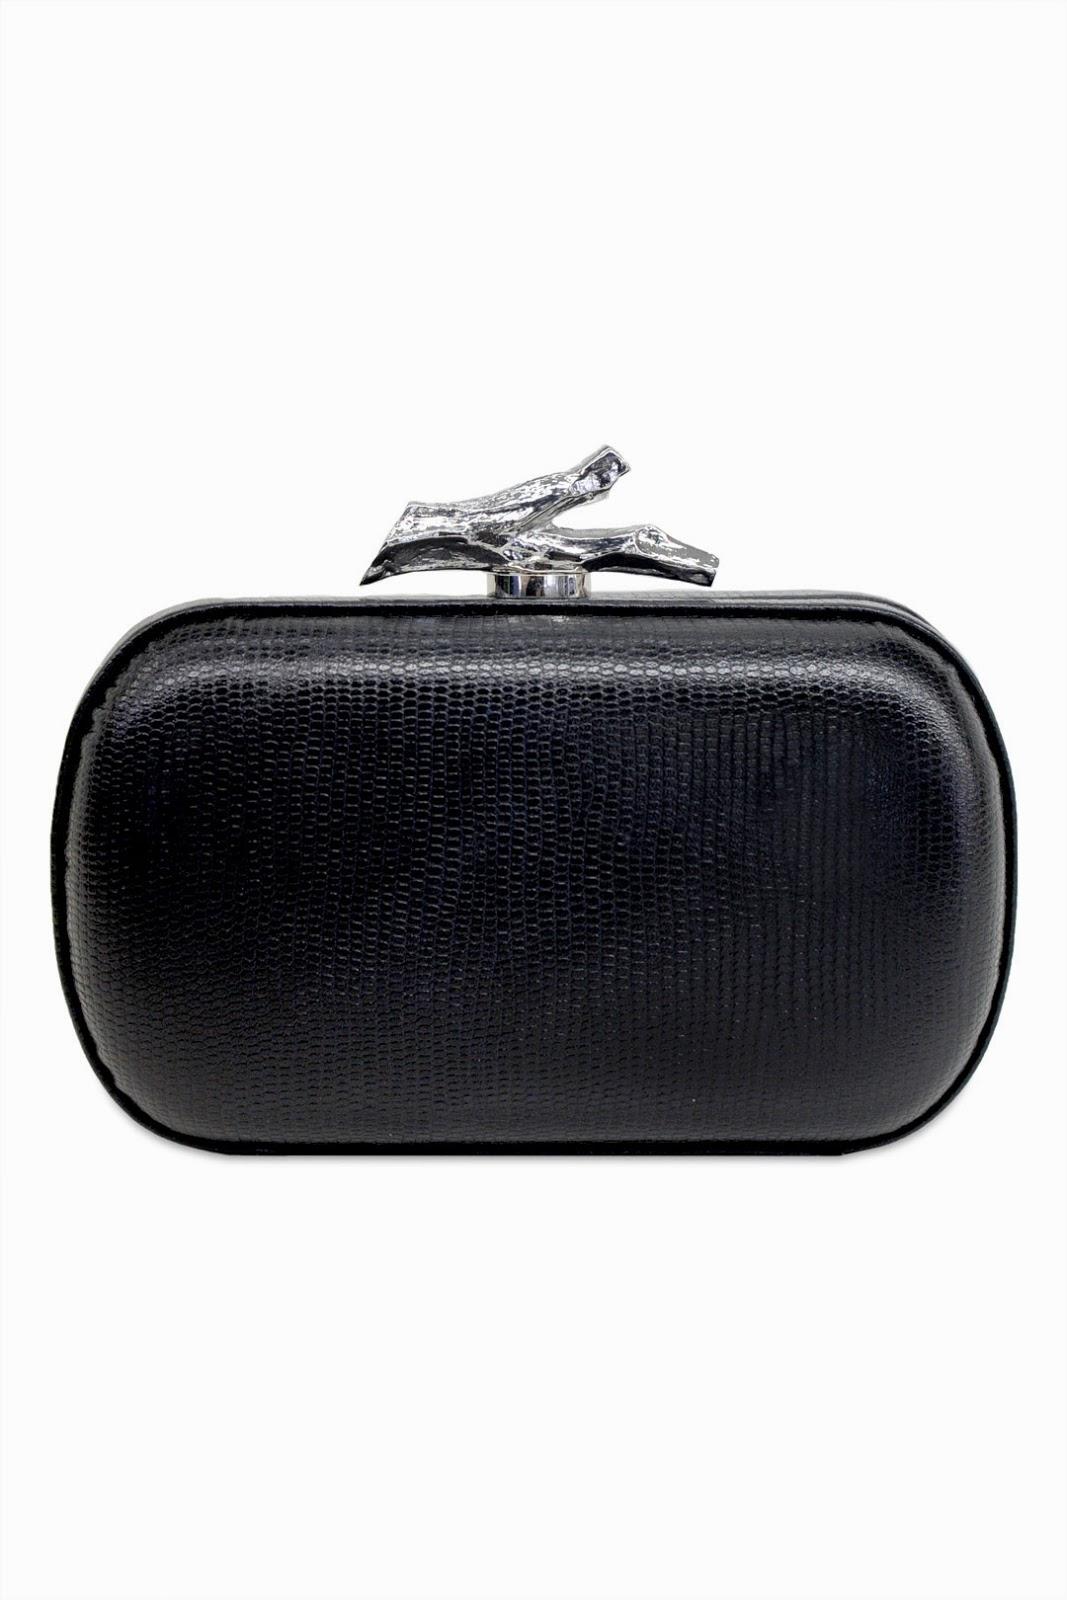 handbag_diane_von_furstenberg_black_lytton_embossed_lizard_clutch_0.jpg